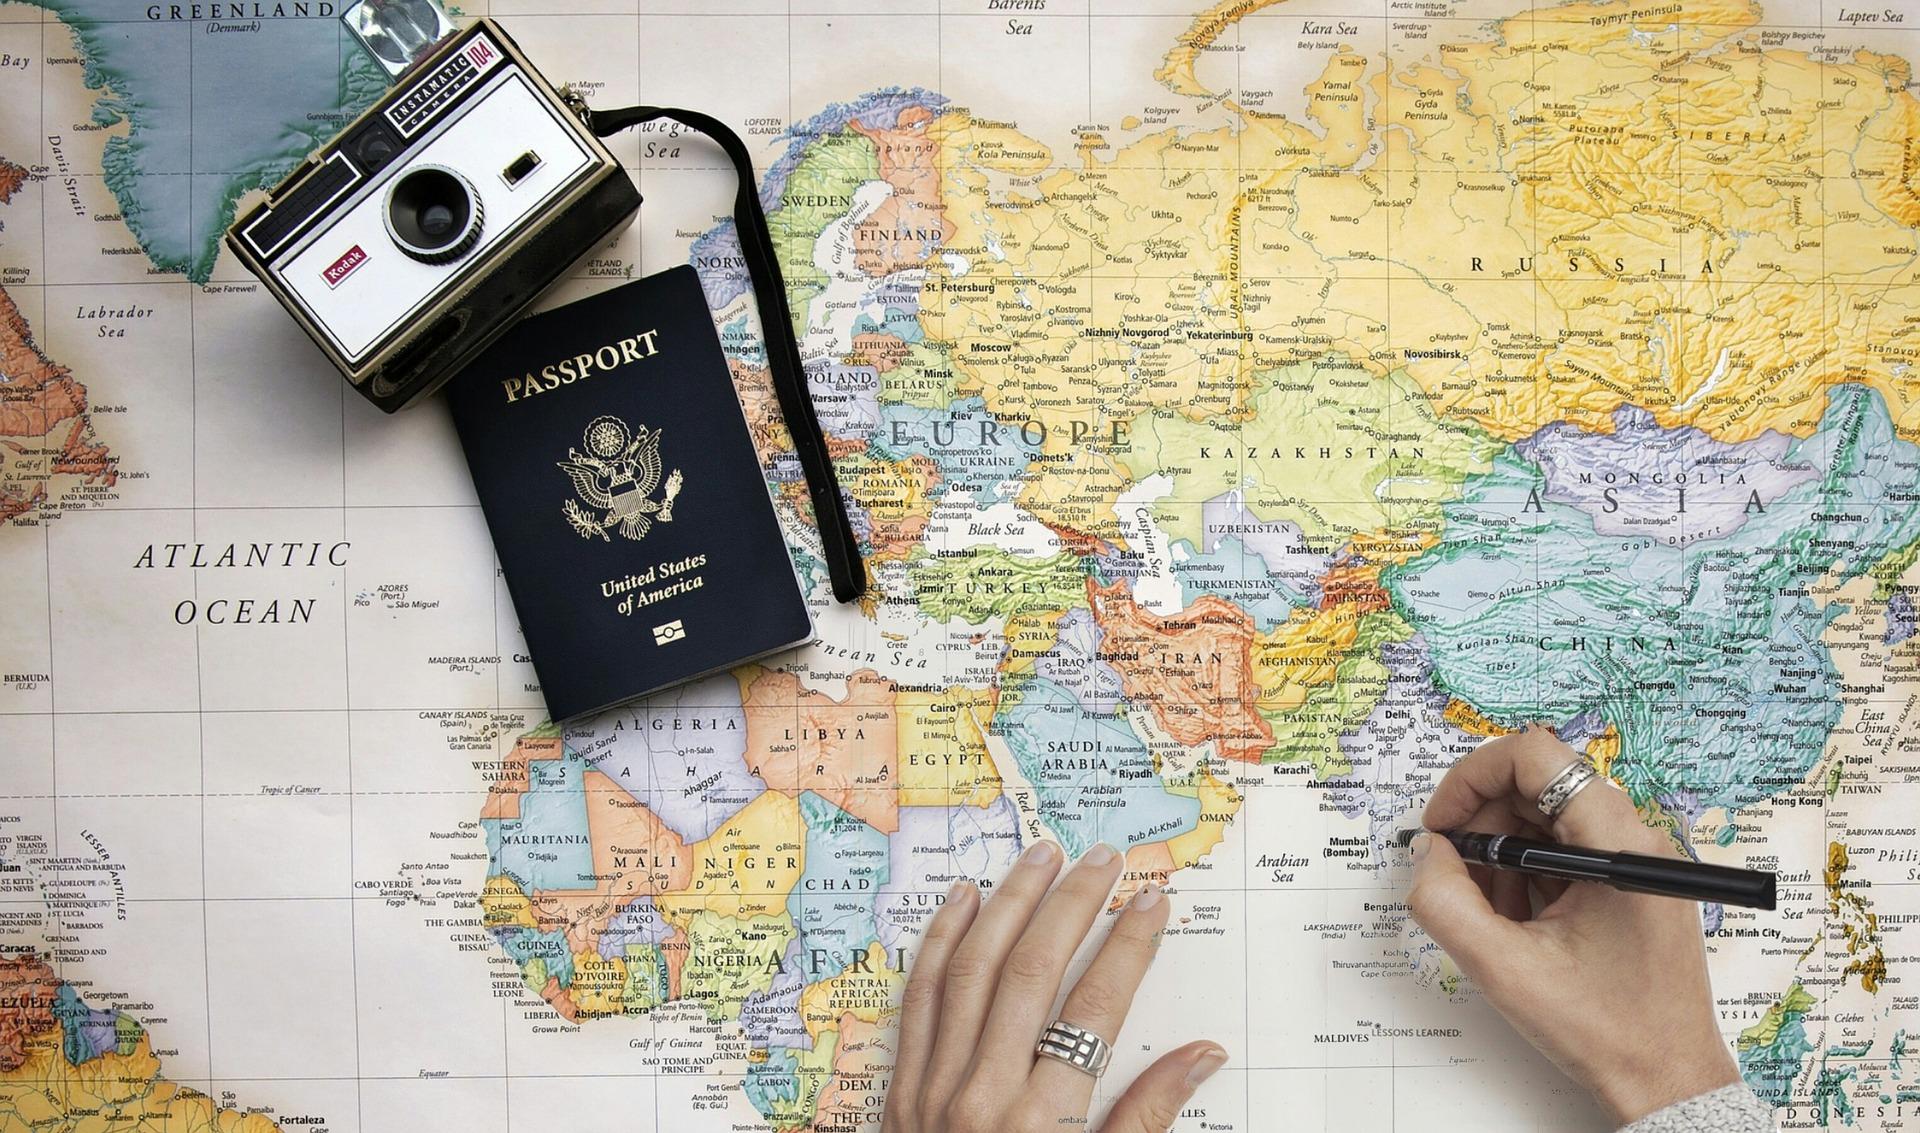 Prenotare in agenzia di viaggi